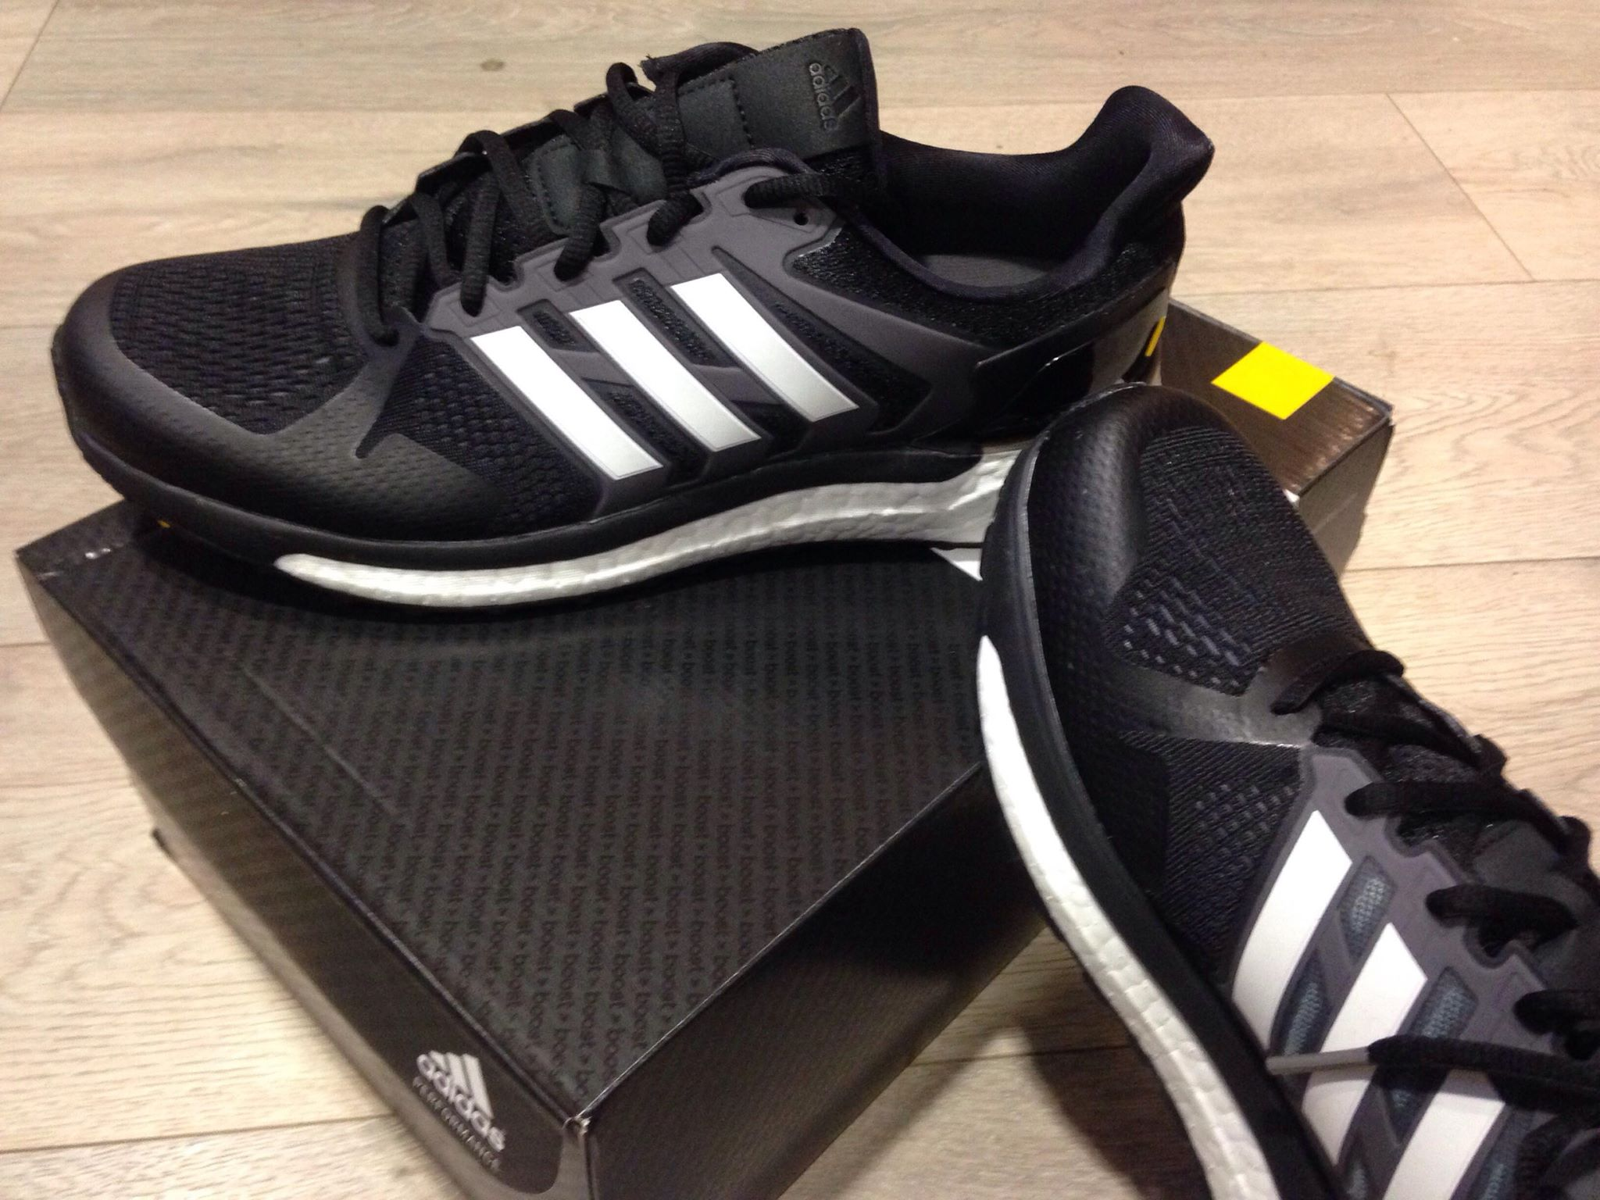 finest selection 16eae 8ffc3 ... de chaussures qui nous sont présentées chaque saison par la marque au 3  bandes, certaines font clairement parti des plus abouties du marché et  valent le ...